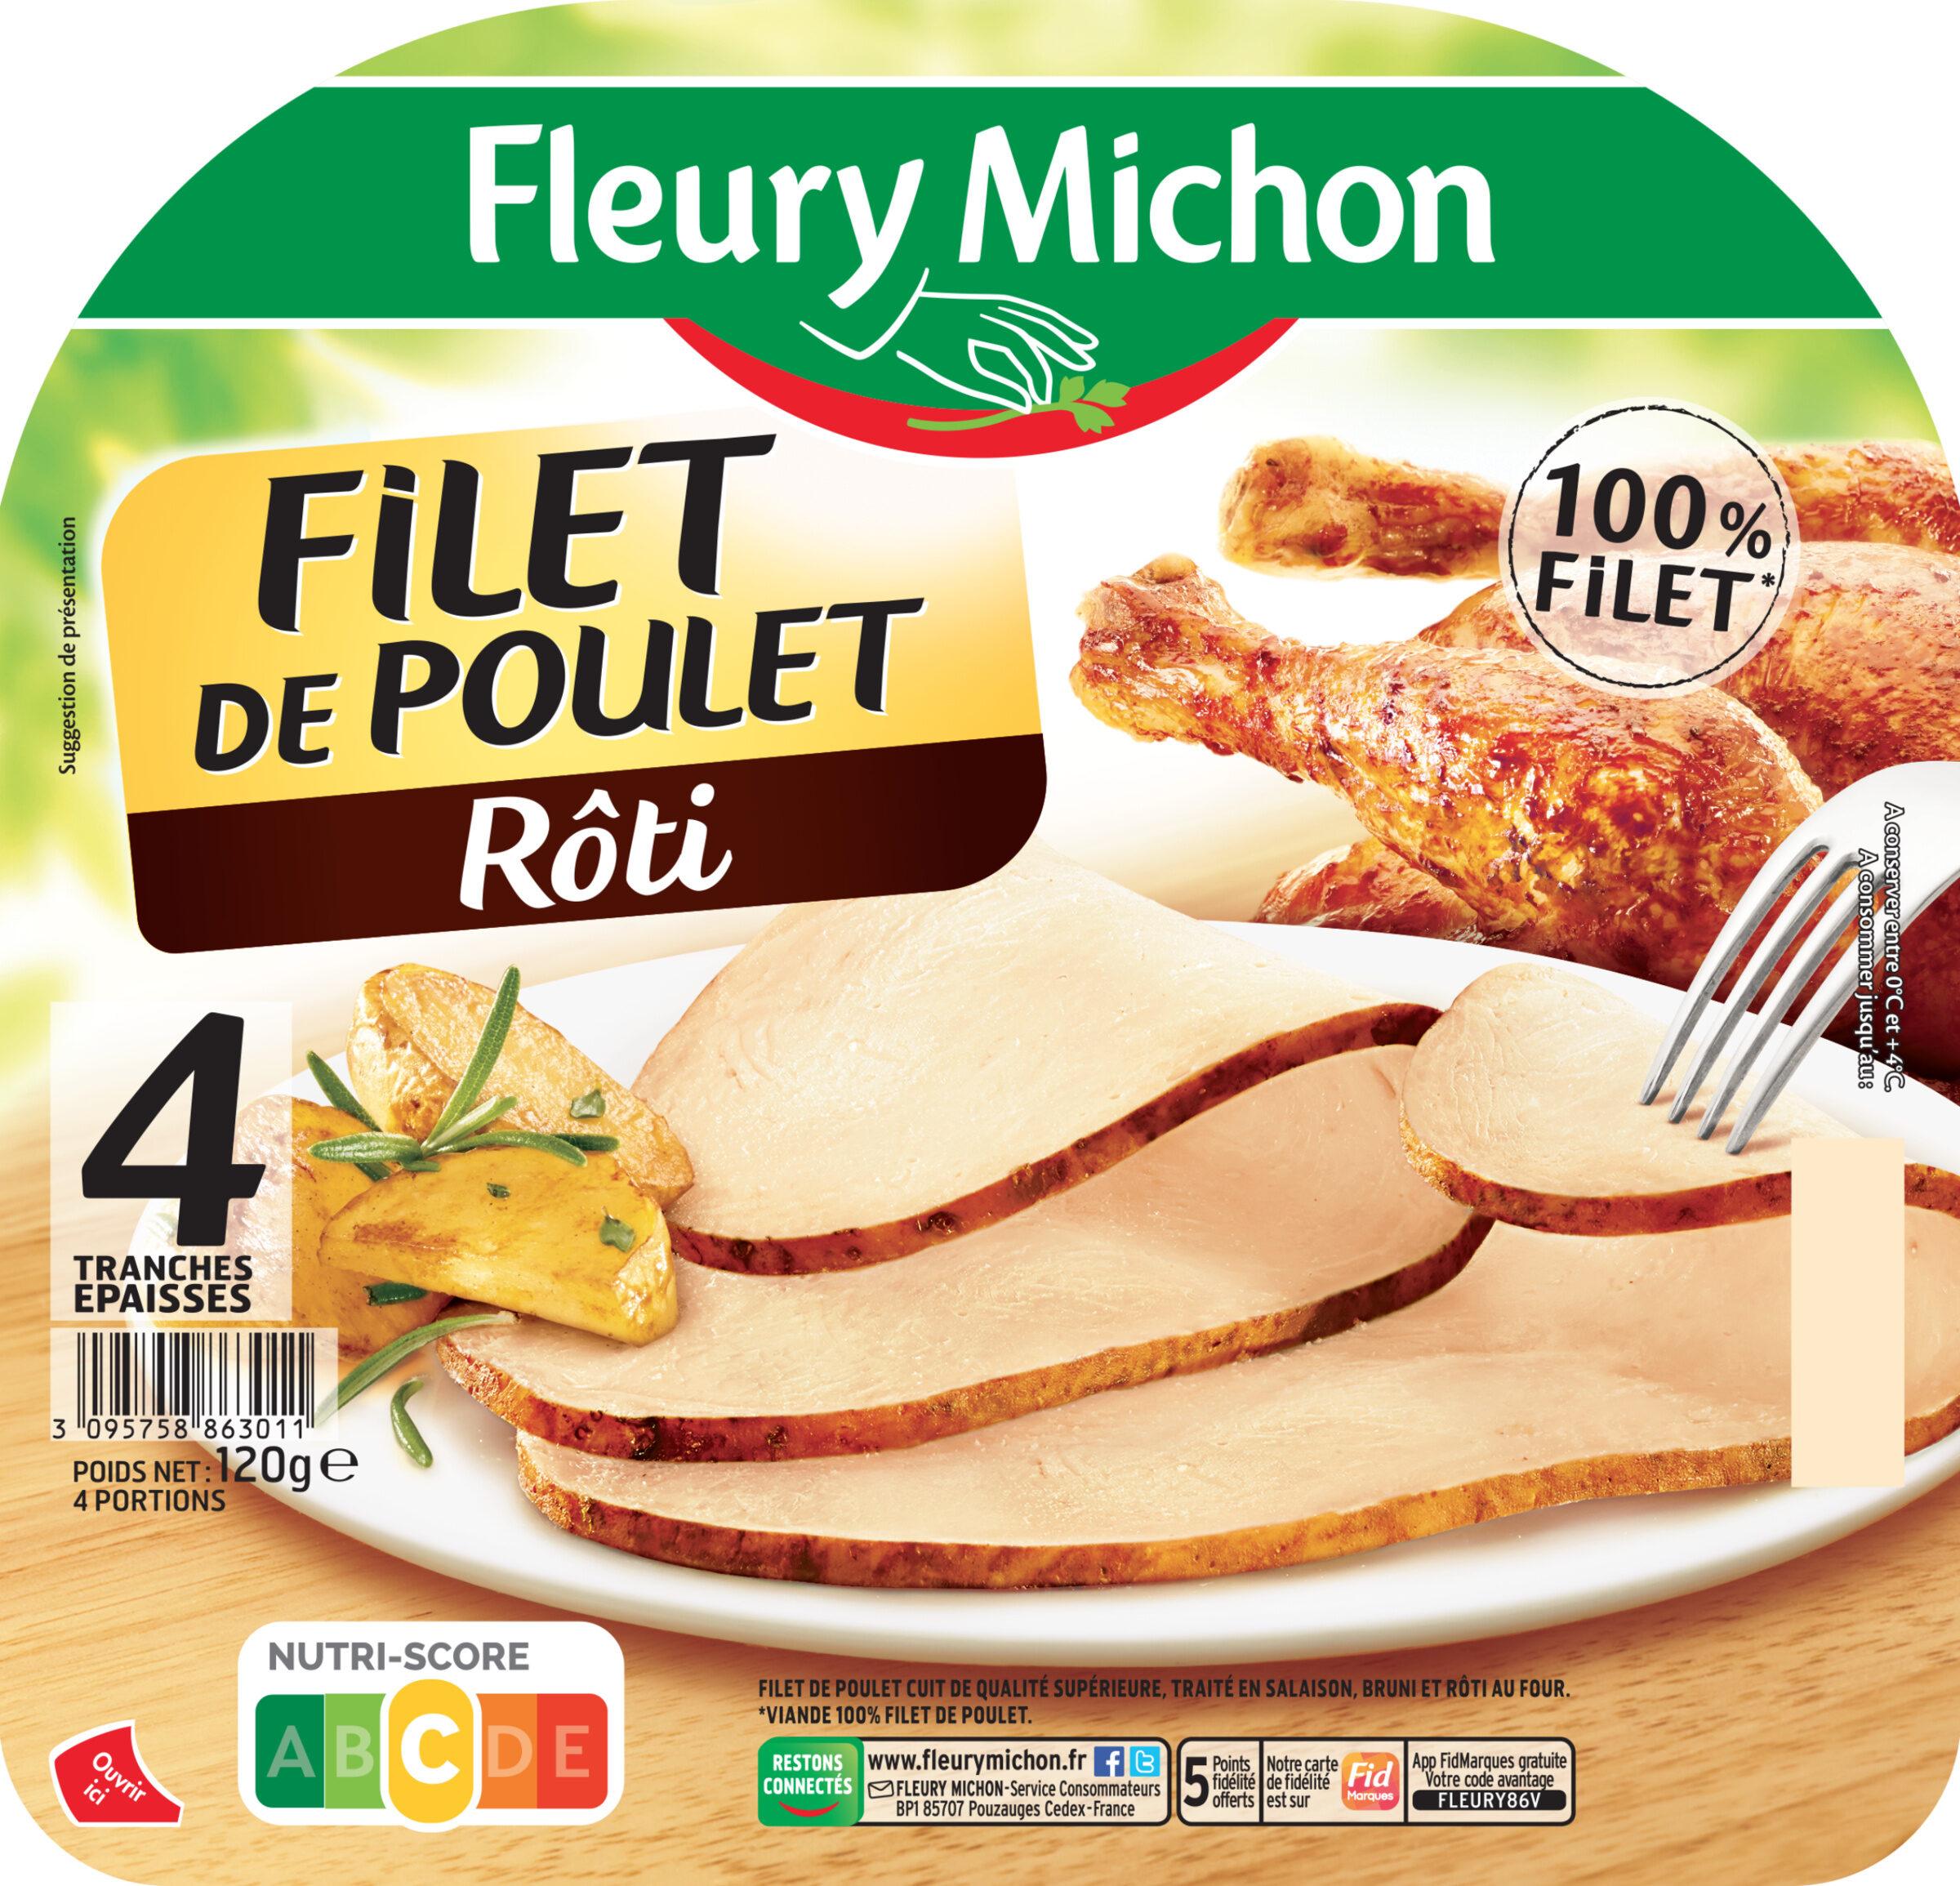 Filet de poulet rôti -100% filet*- 4 tranches épaisses - Prodotto - fr